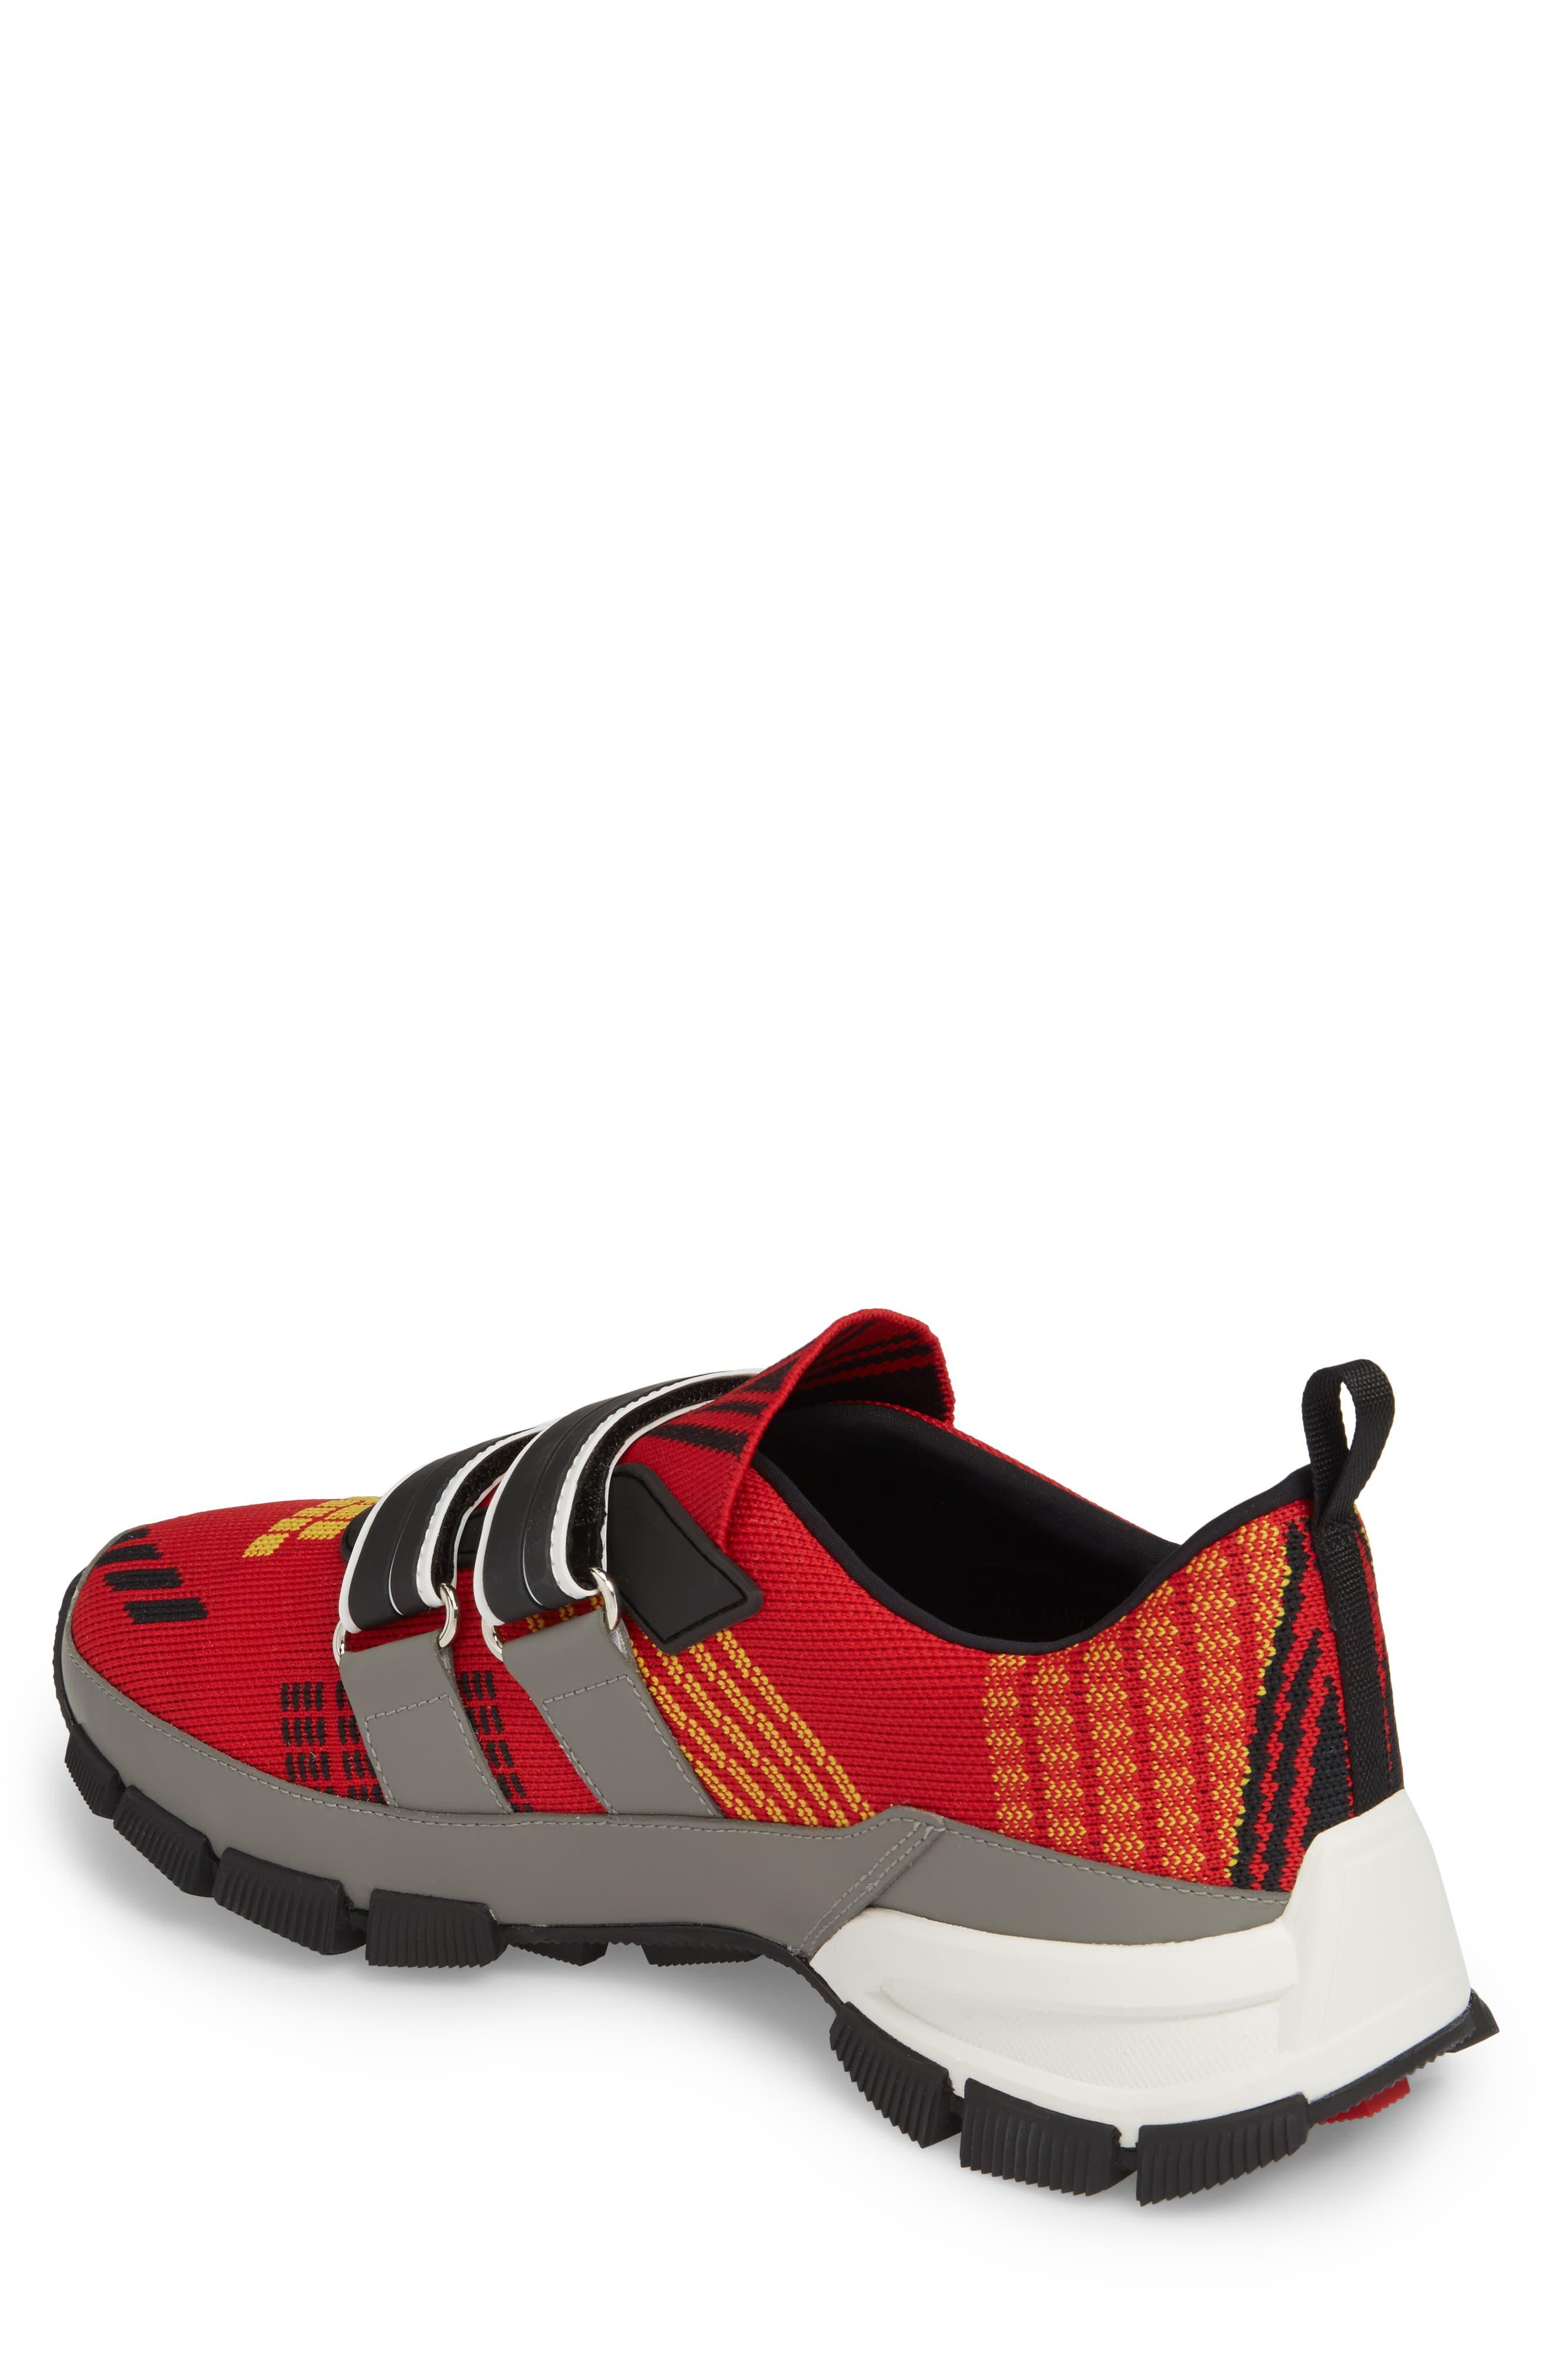 Linea Rossa Strap Sneaker,                             Alternate thumbnail 2, color,                             Scarlatto Red